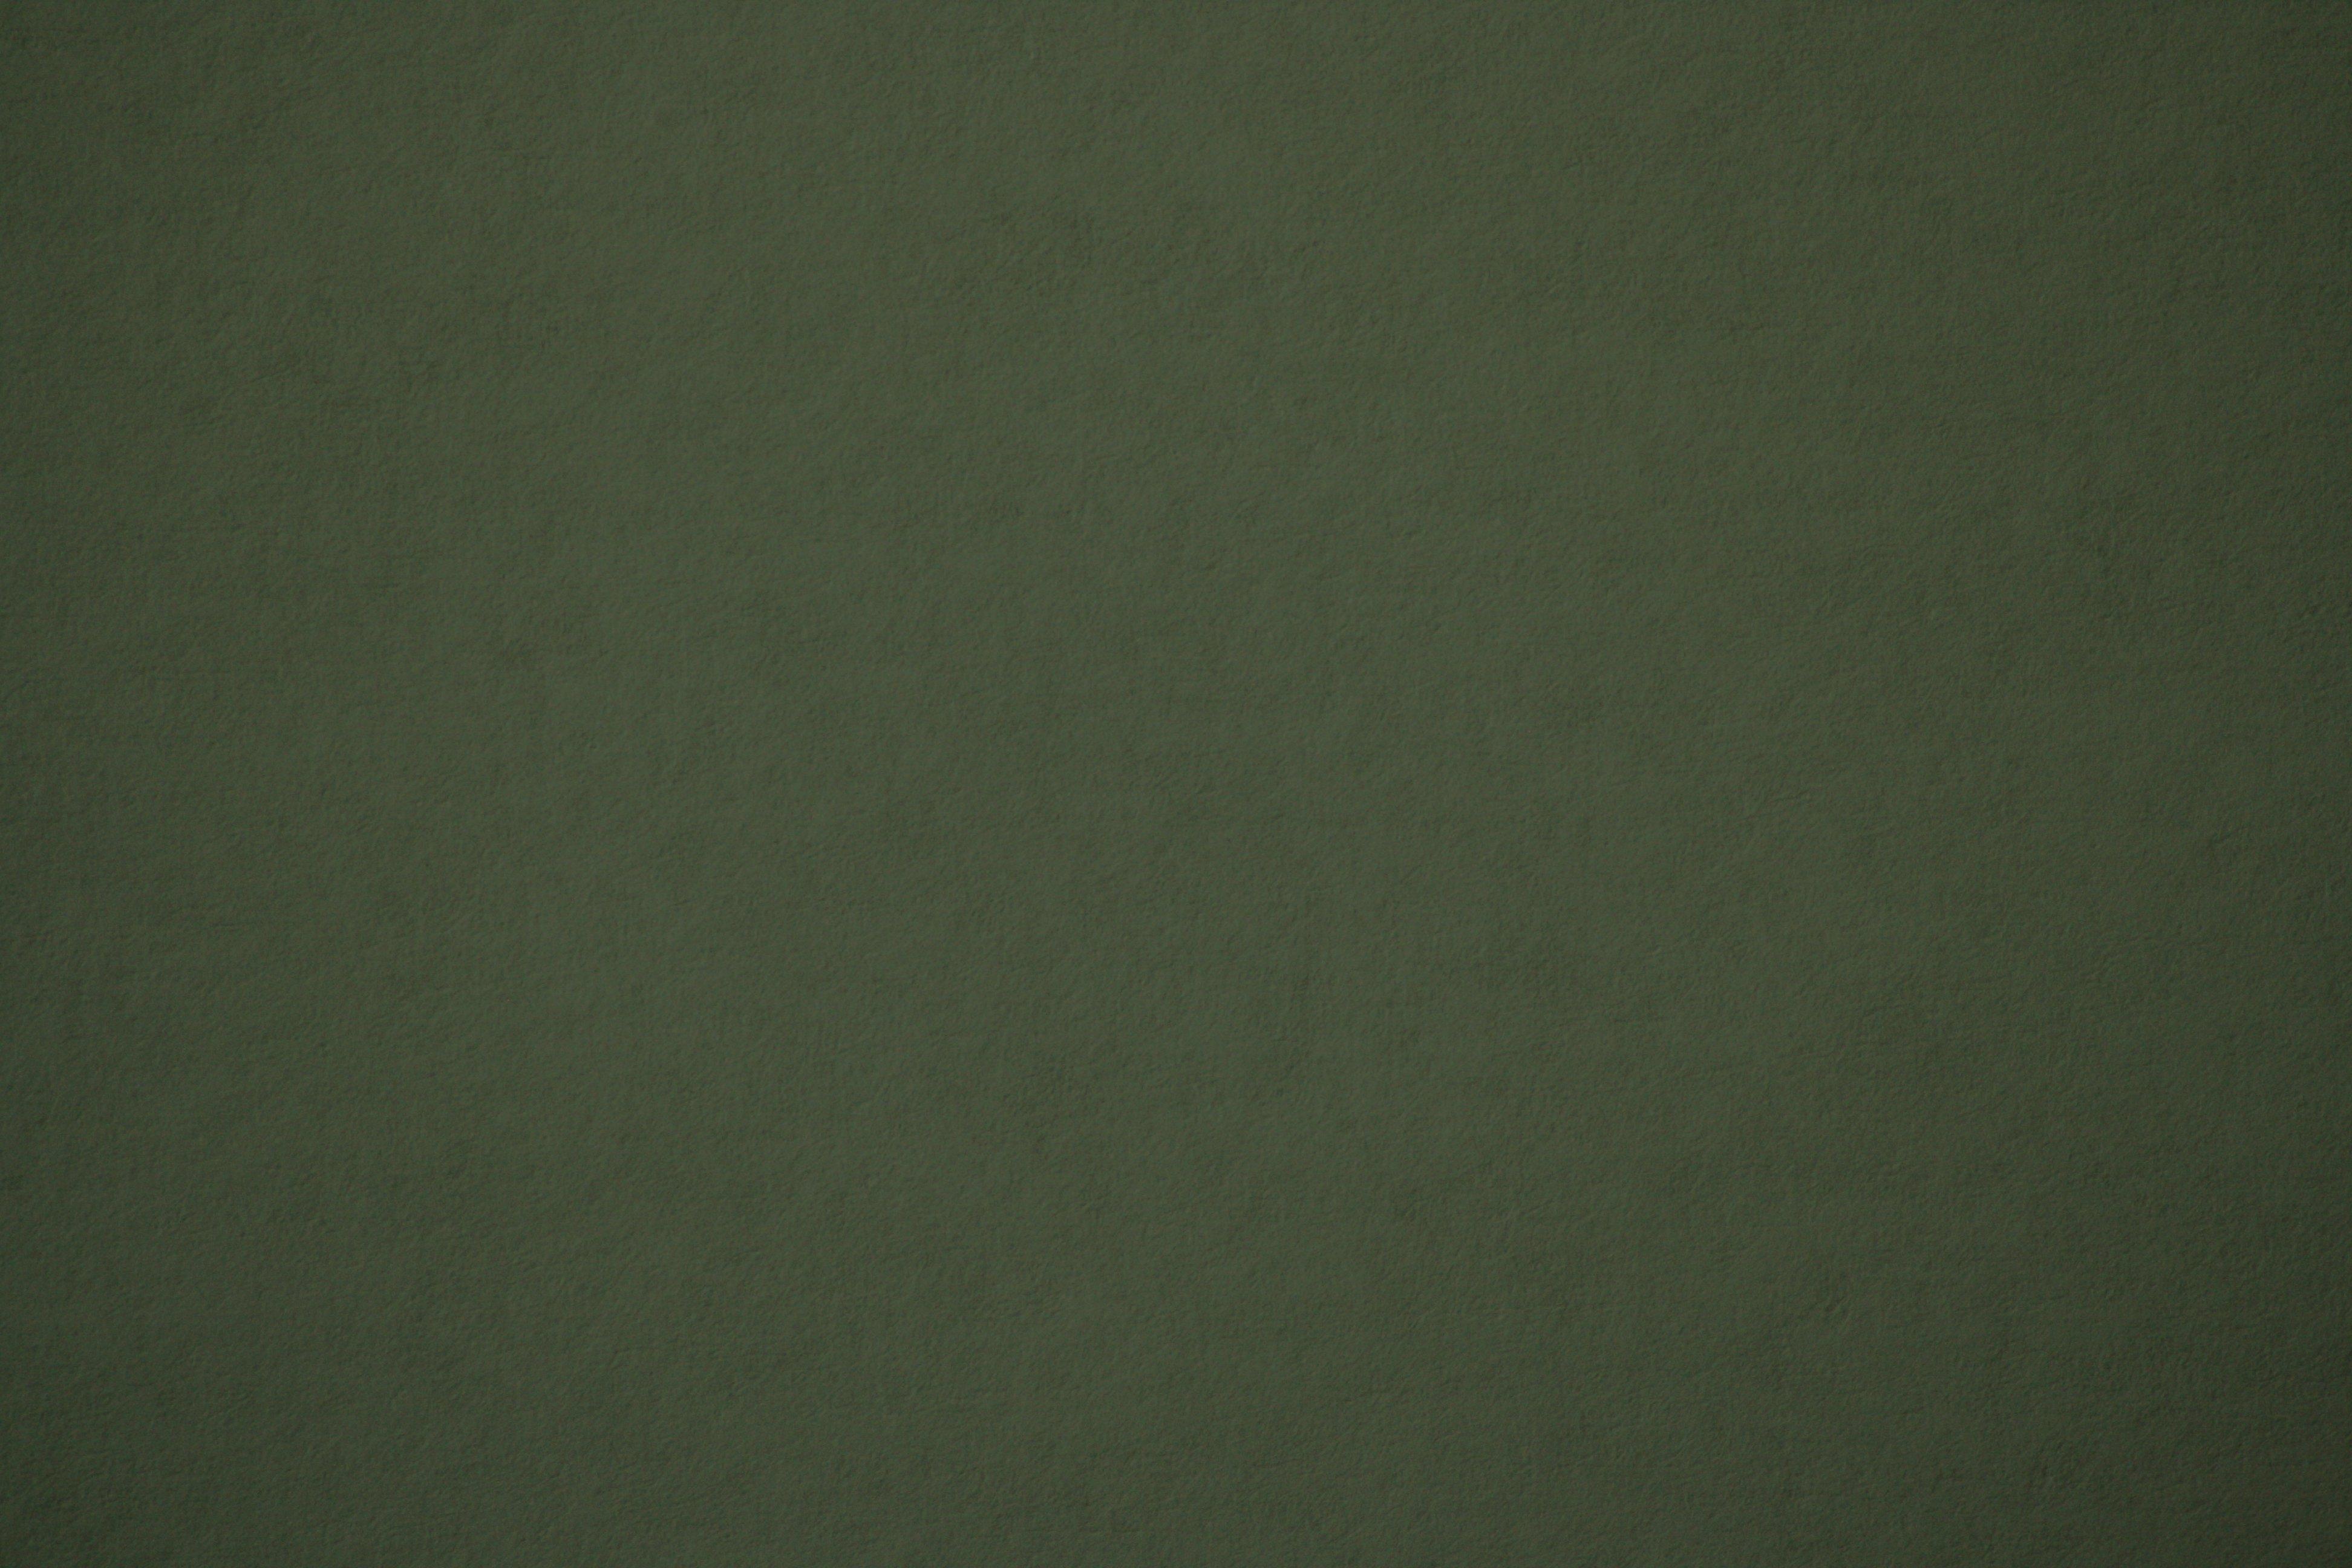 Olive Green Desktop Wallpaper Wallpapersafari